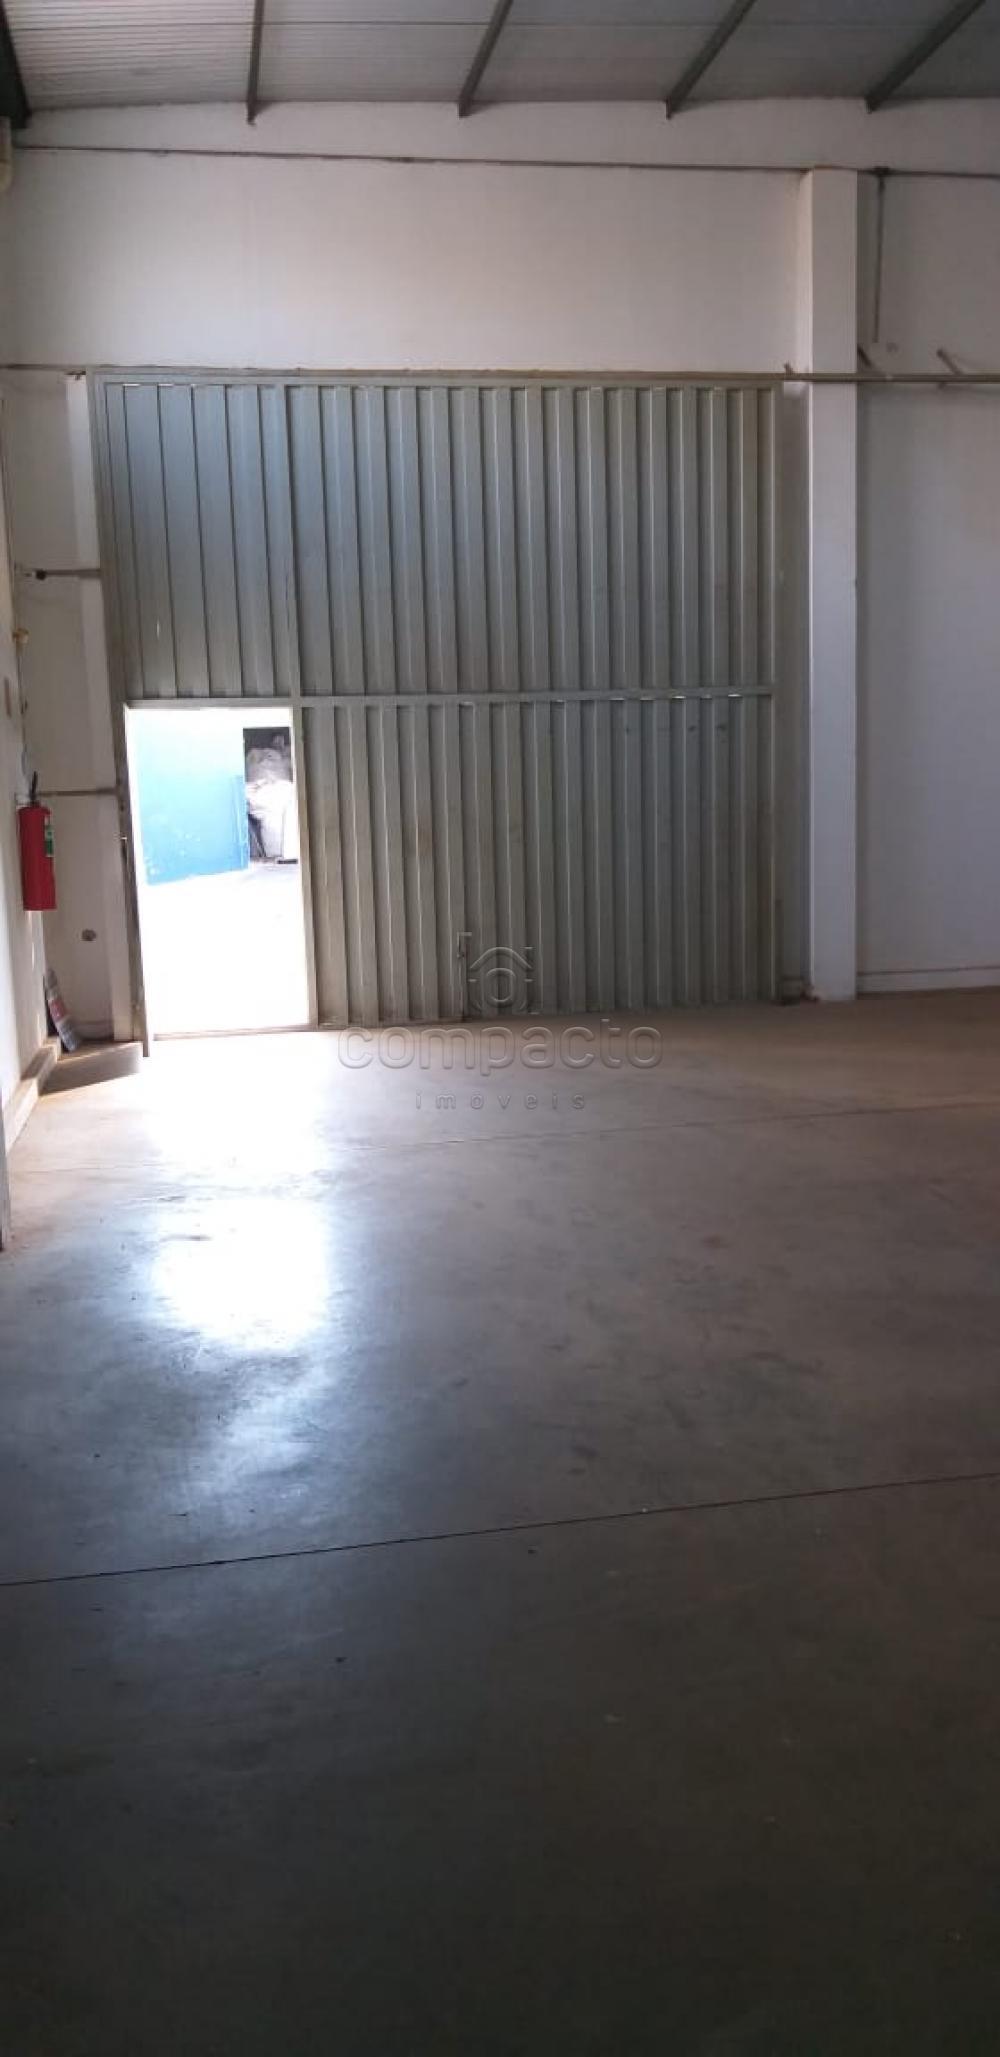 Alugar Comercial / Barracão em São José do Rio Preto apenas R$ 2.300,00 - Foto 9